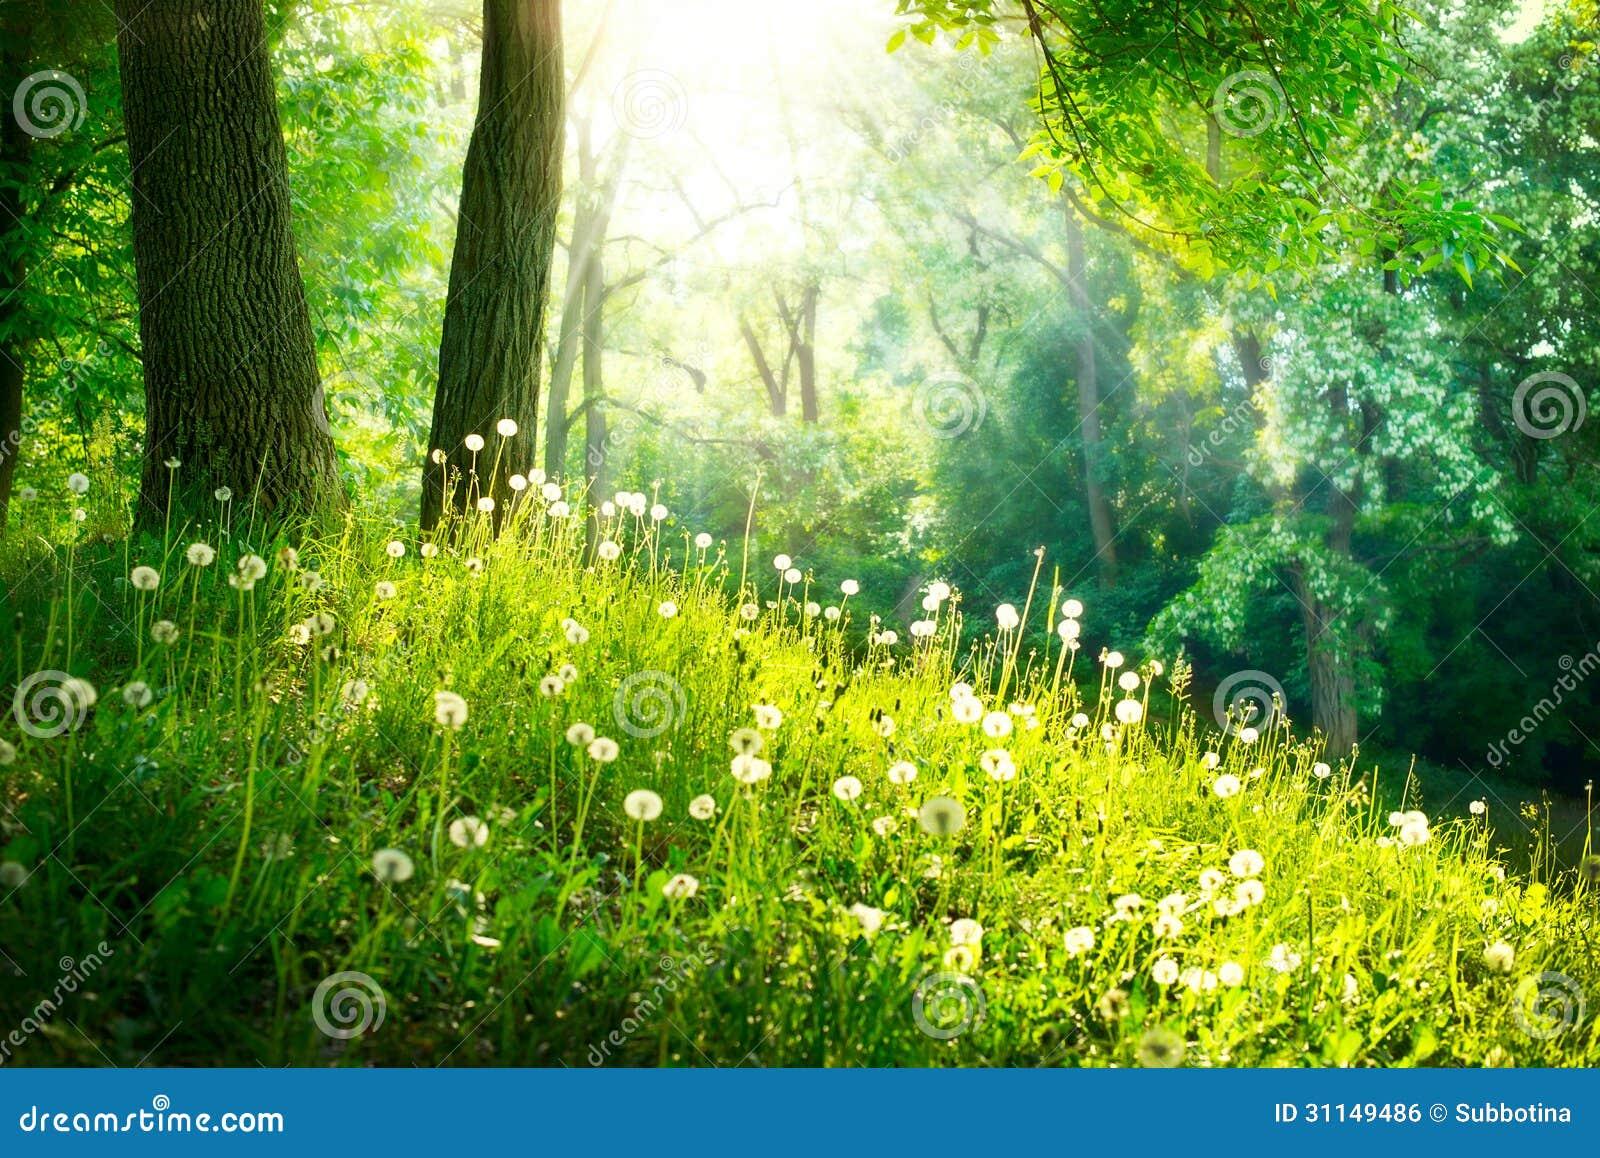 Paisagem. Grama verde e árvores